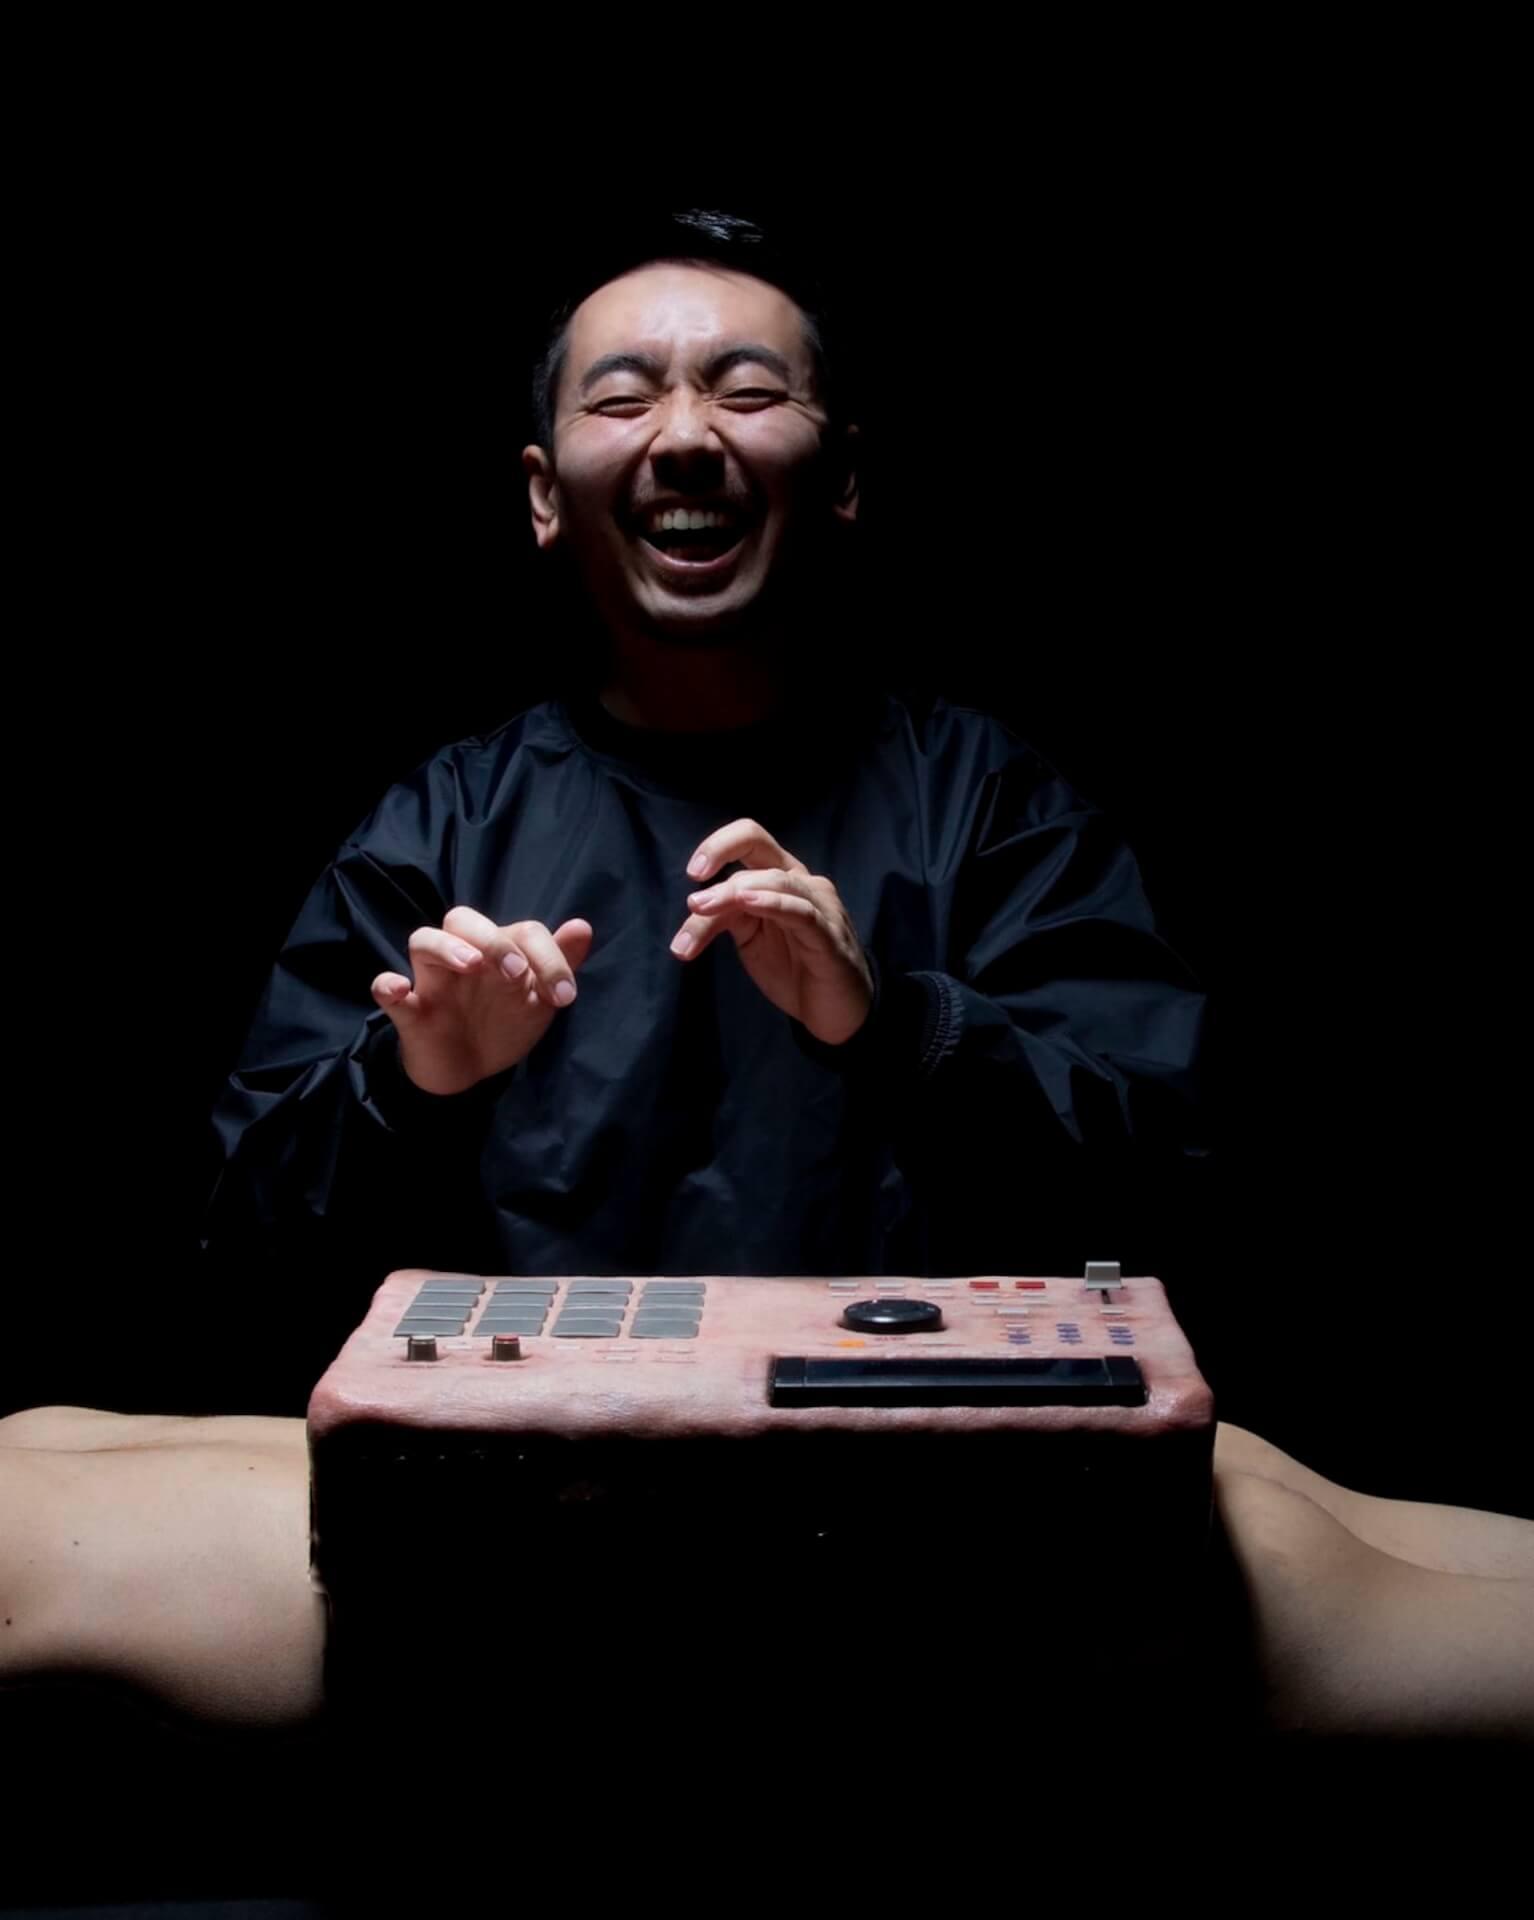 世界中で話題になった人肉小銭入れが抽選で1名にプレゼント!人肉小銭入れがラップするMVも公開に music190626-doooo-1